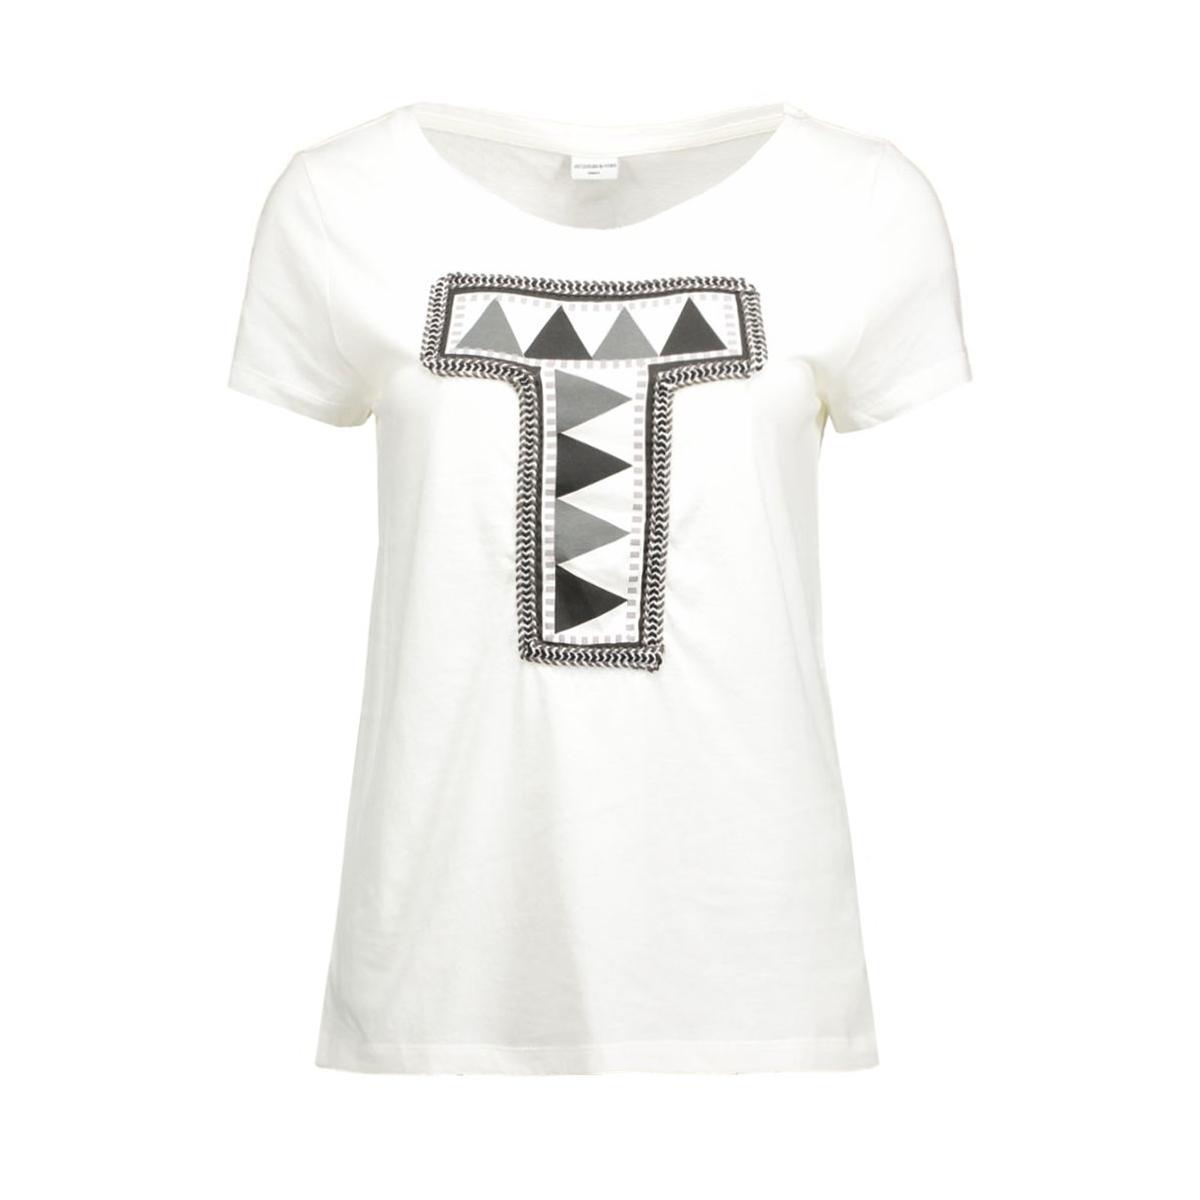 jdyclaire s/s print top jrs 15120276 jacqueline de yong t-shirt cloud dancer/t